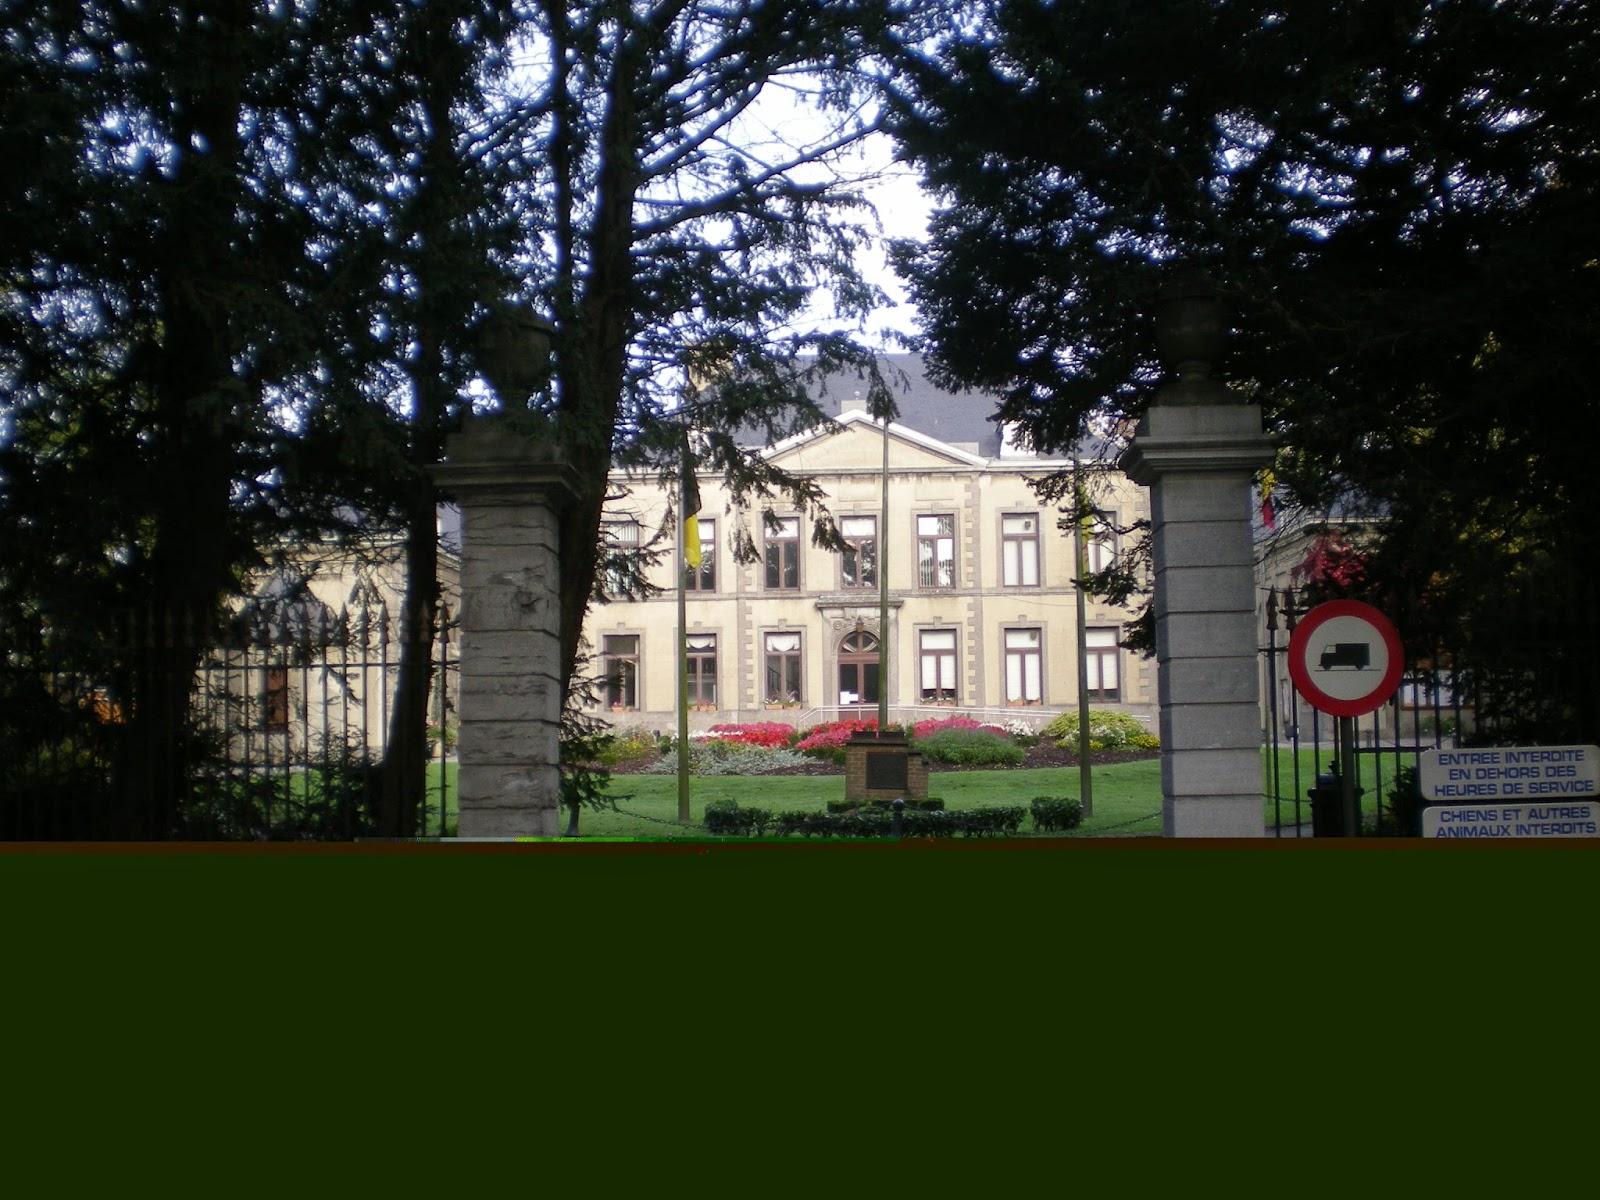 Chateau de la Paix